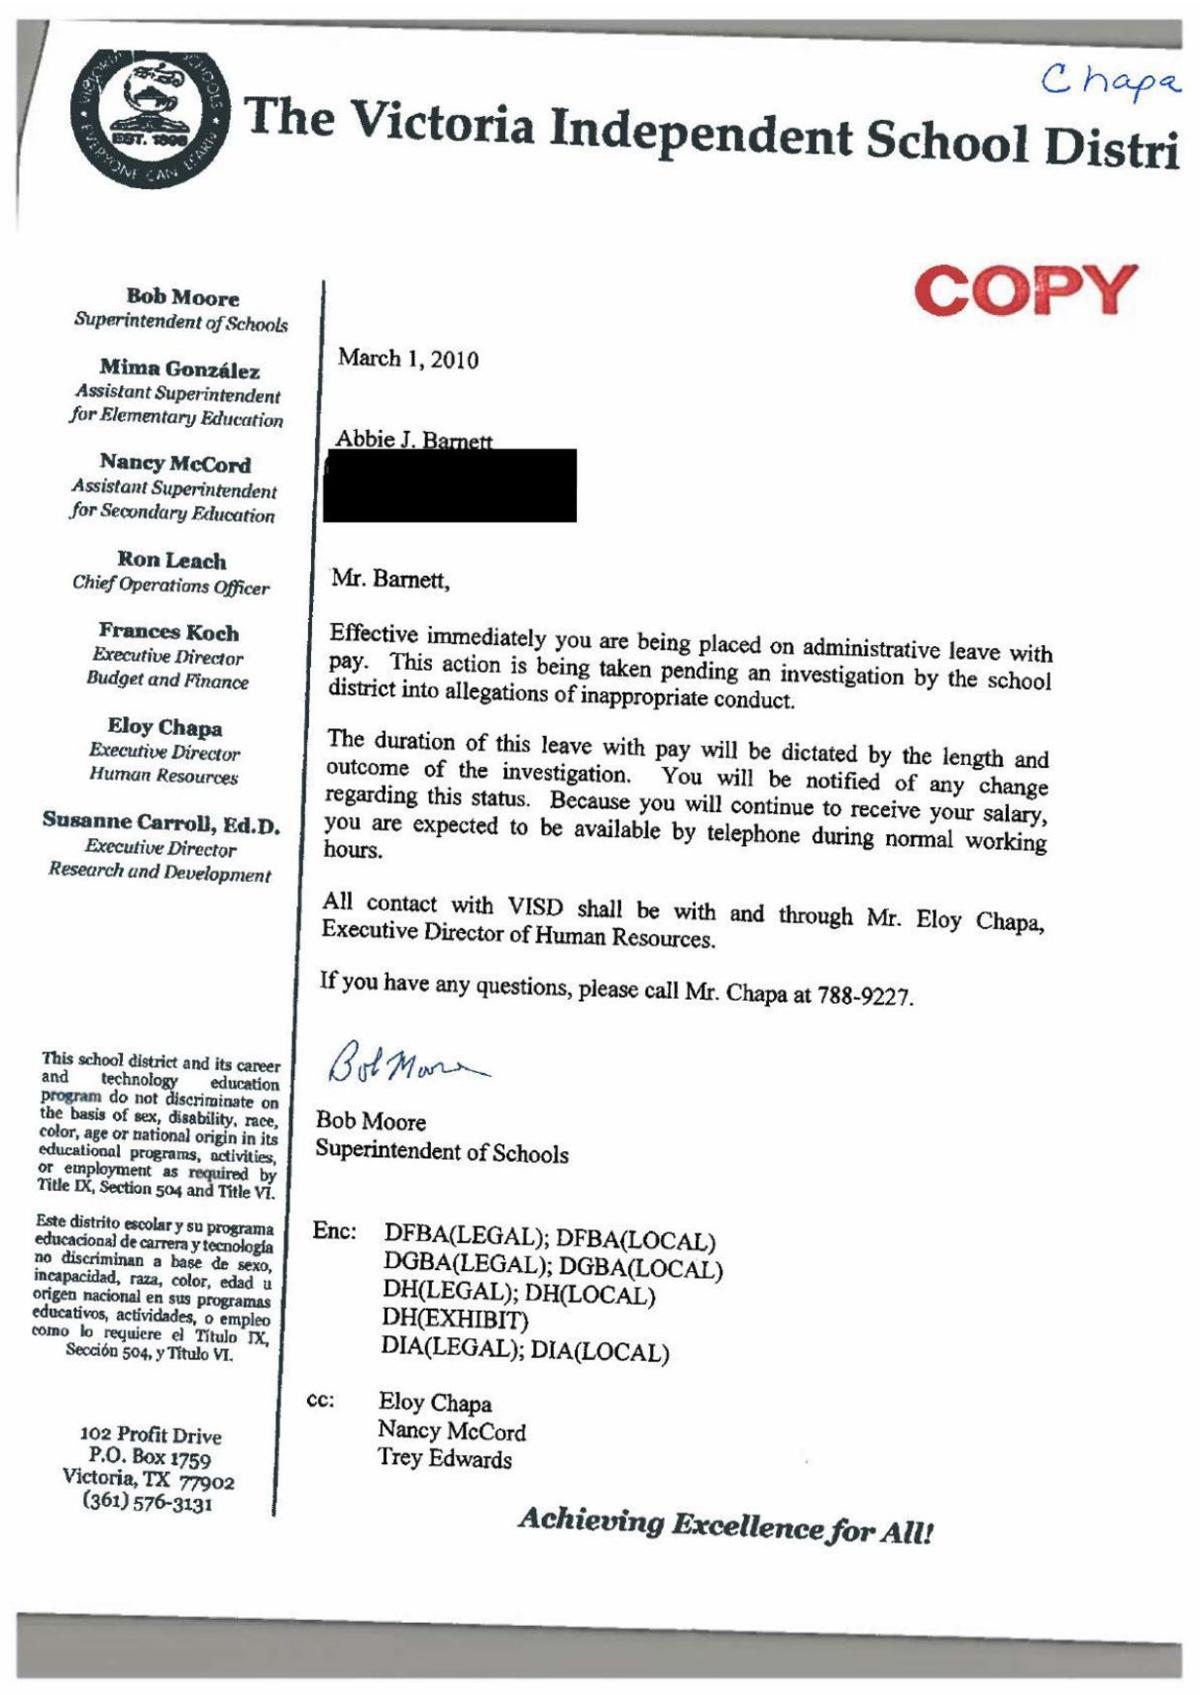 VISD investigation into Barnett